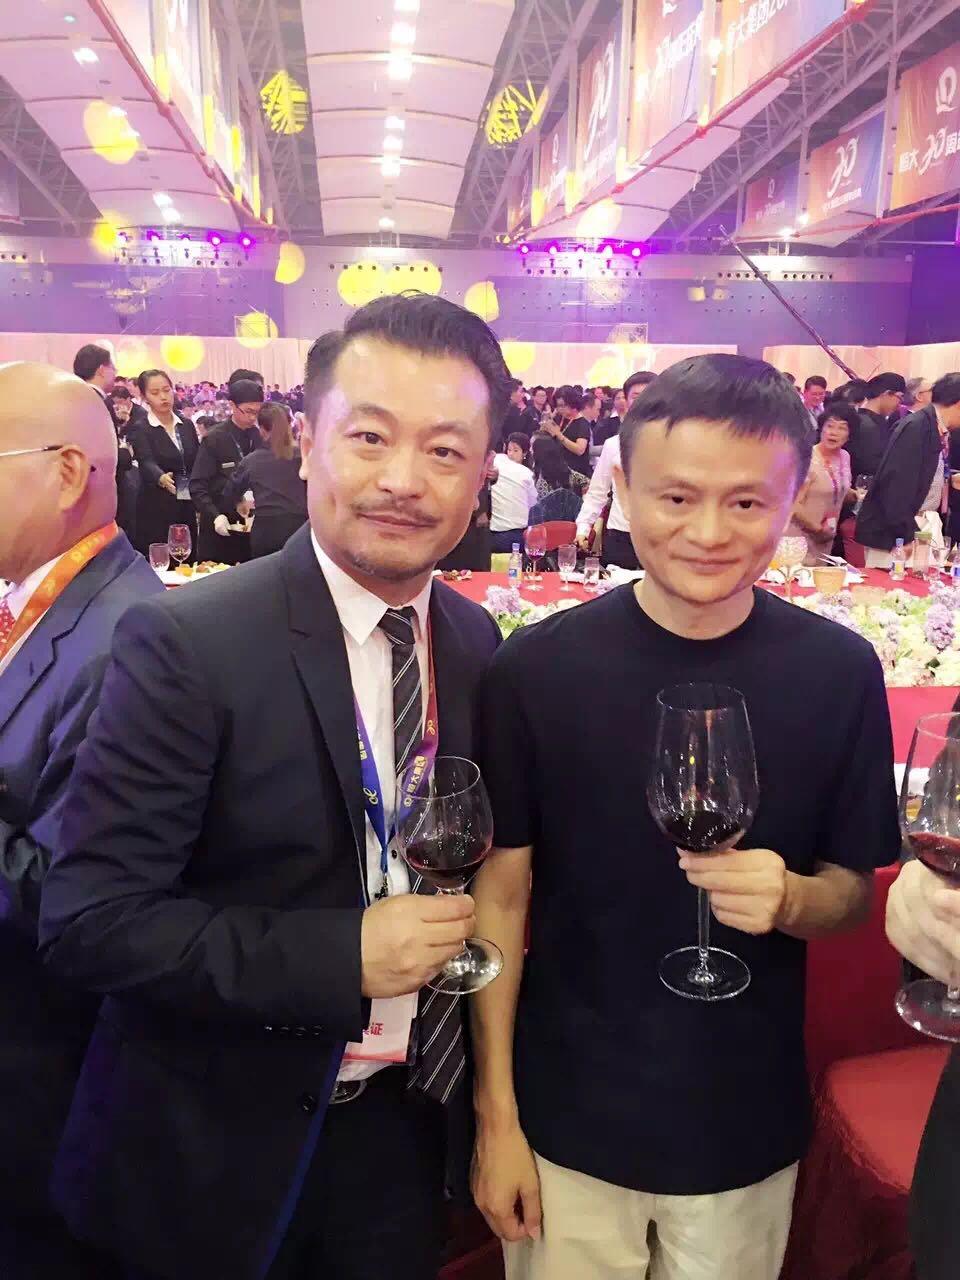 来自桑效宏发布的公司动态信息:合作伙伴恒大集团20周年庆典... - 上海丽装化学涂地板有限公司